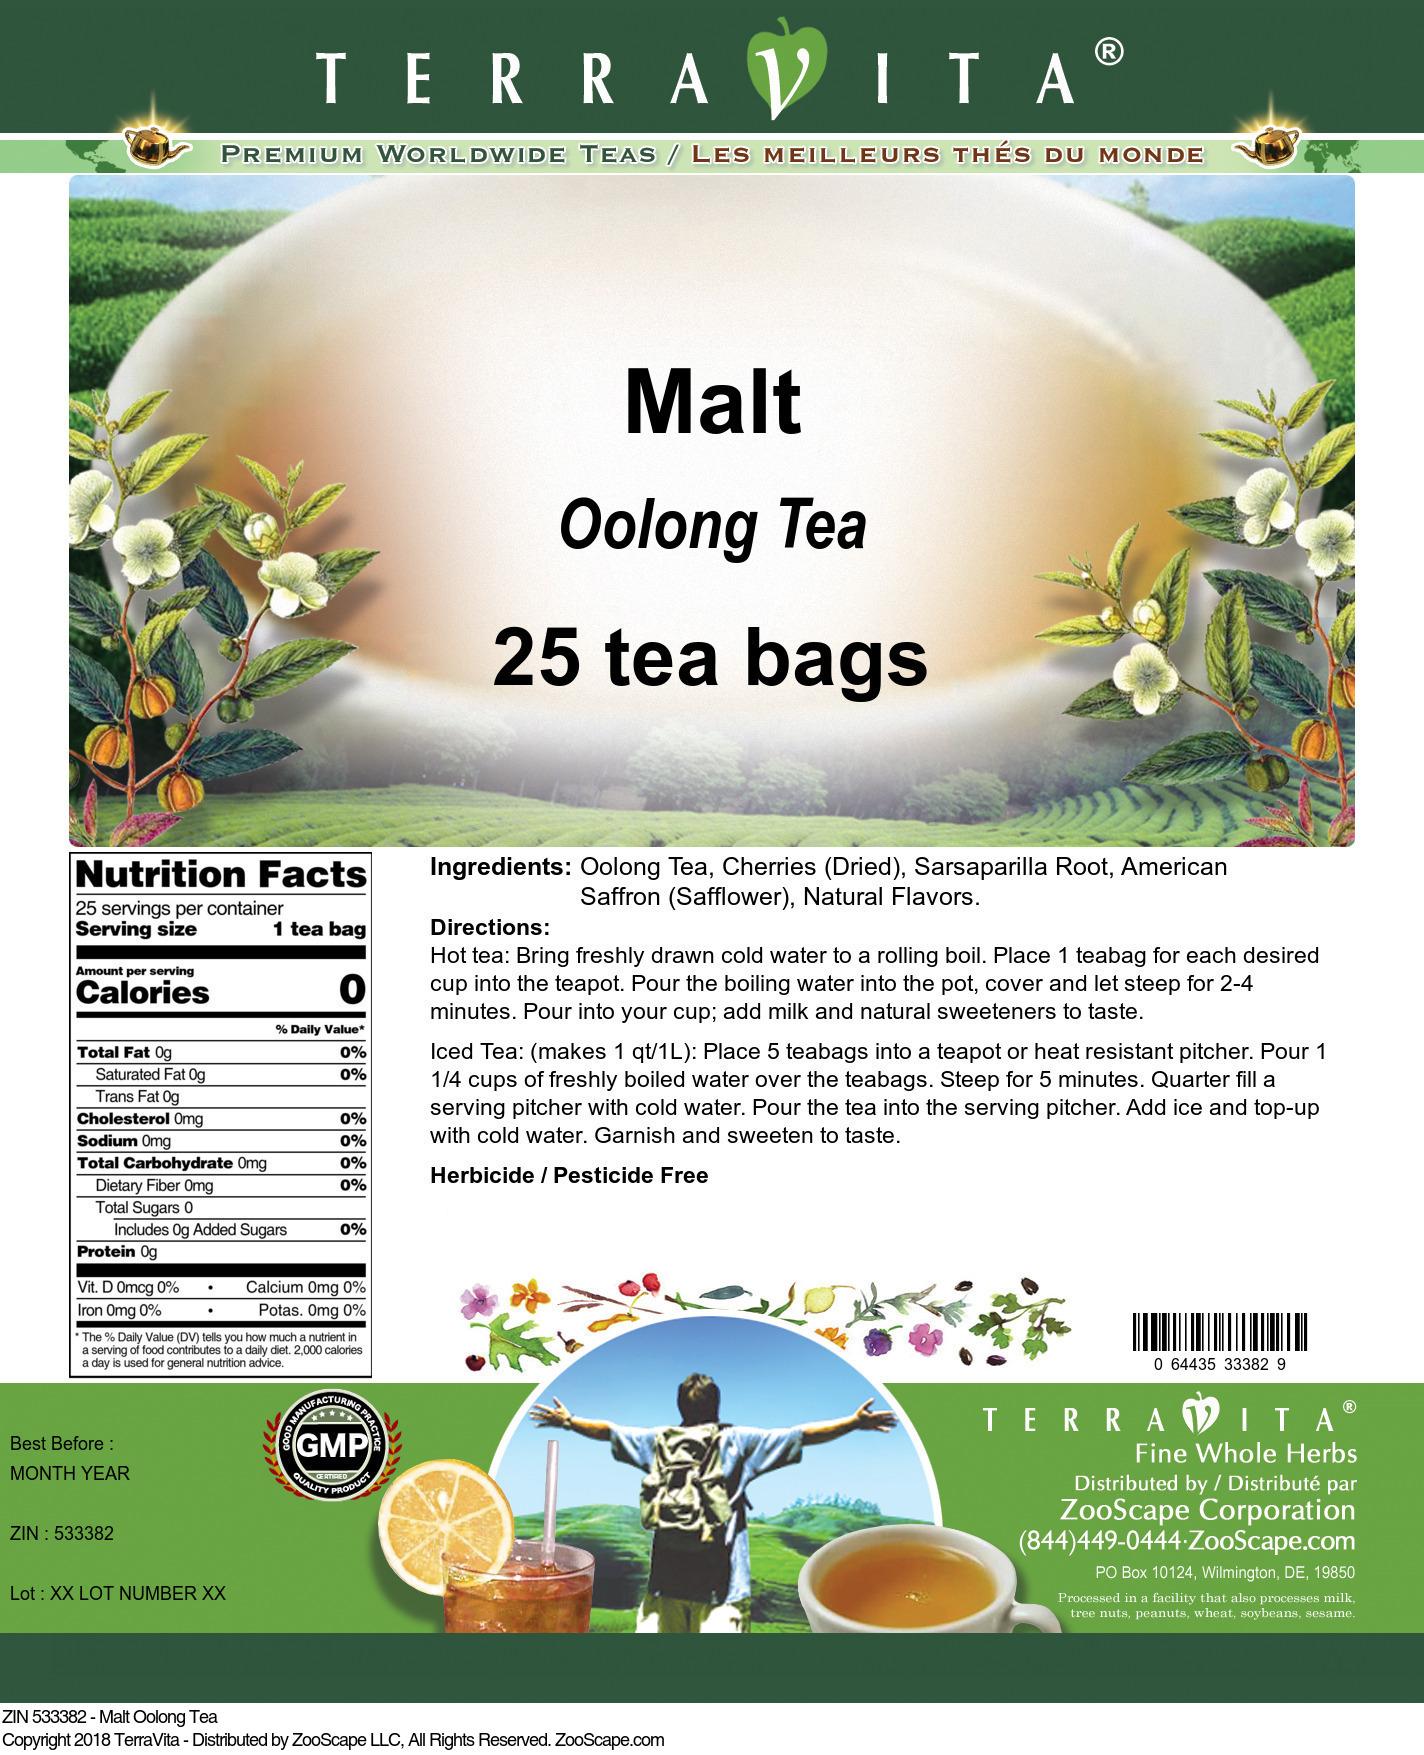 Malt Oolong Tea